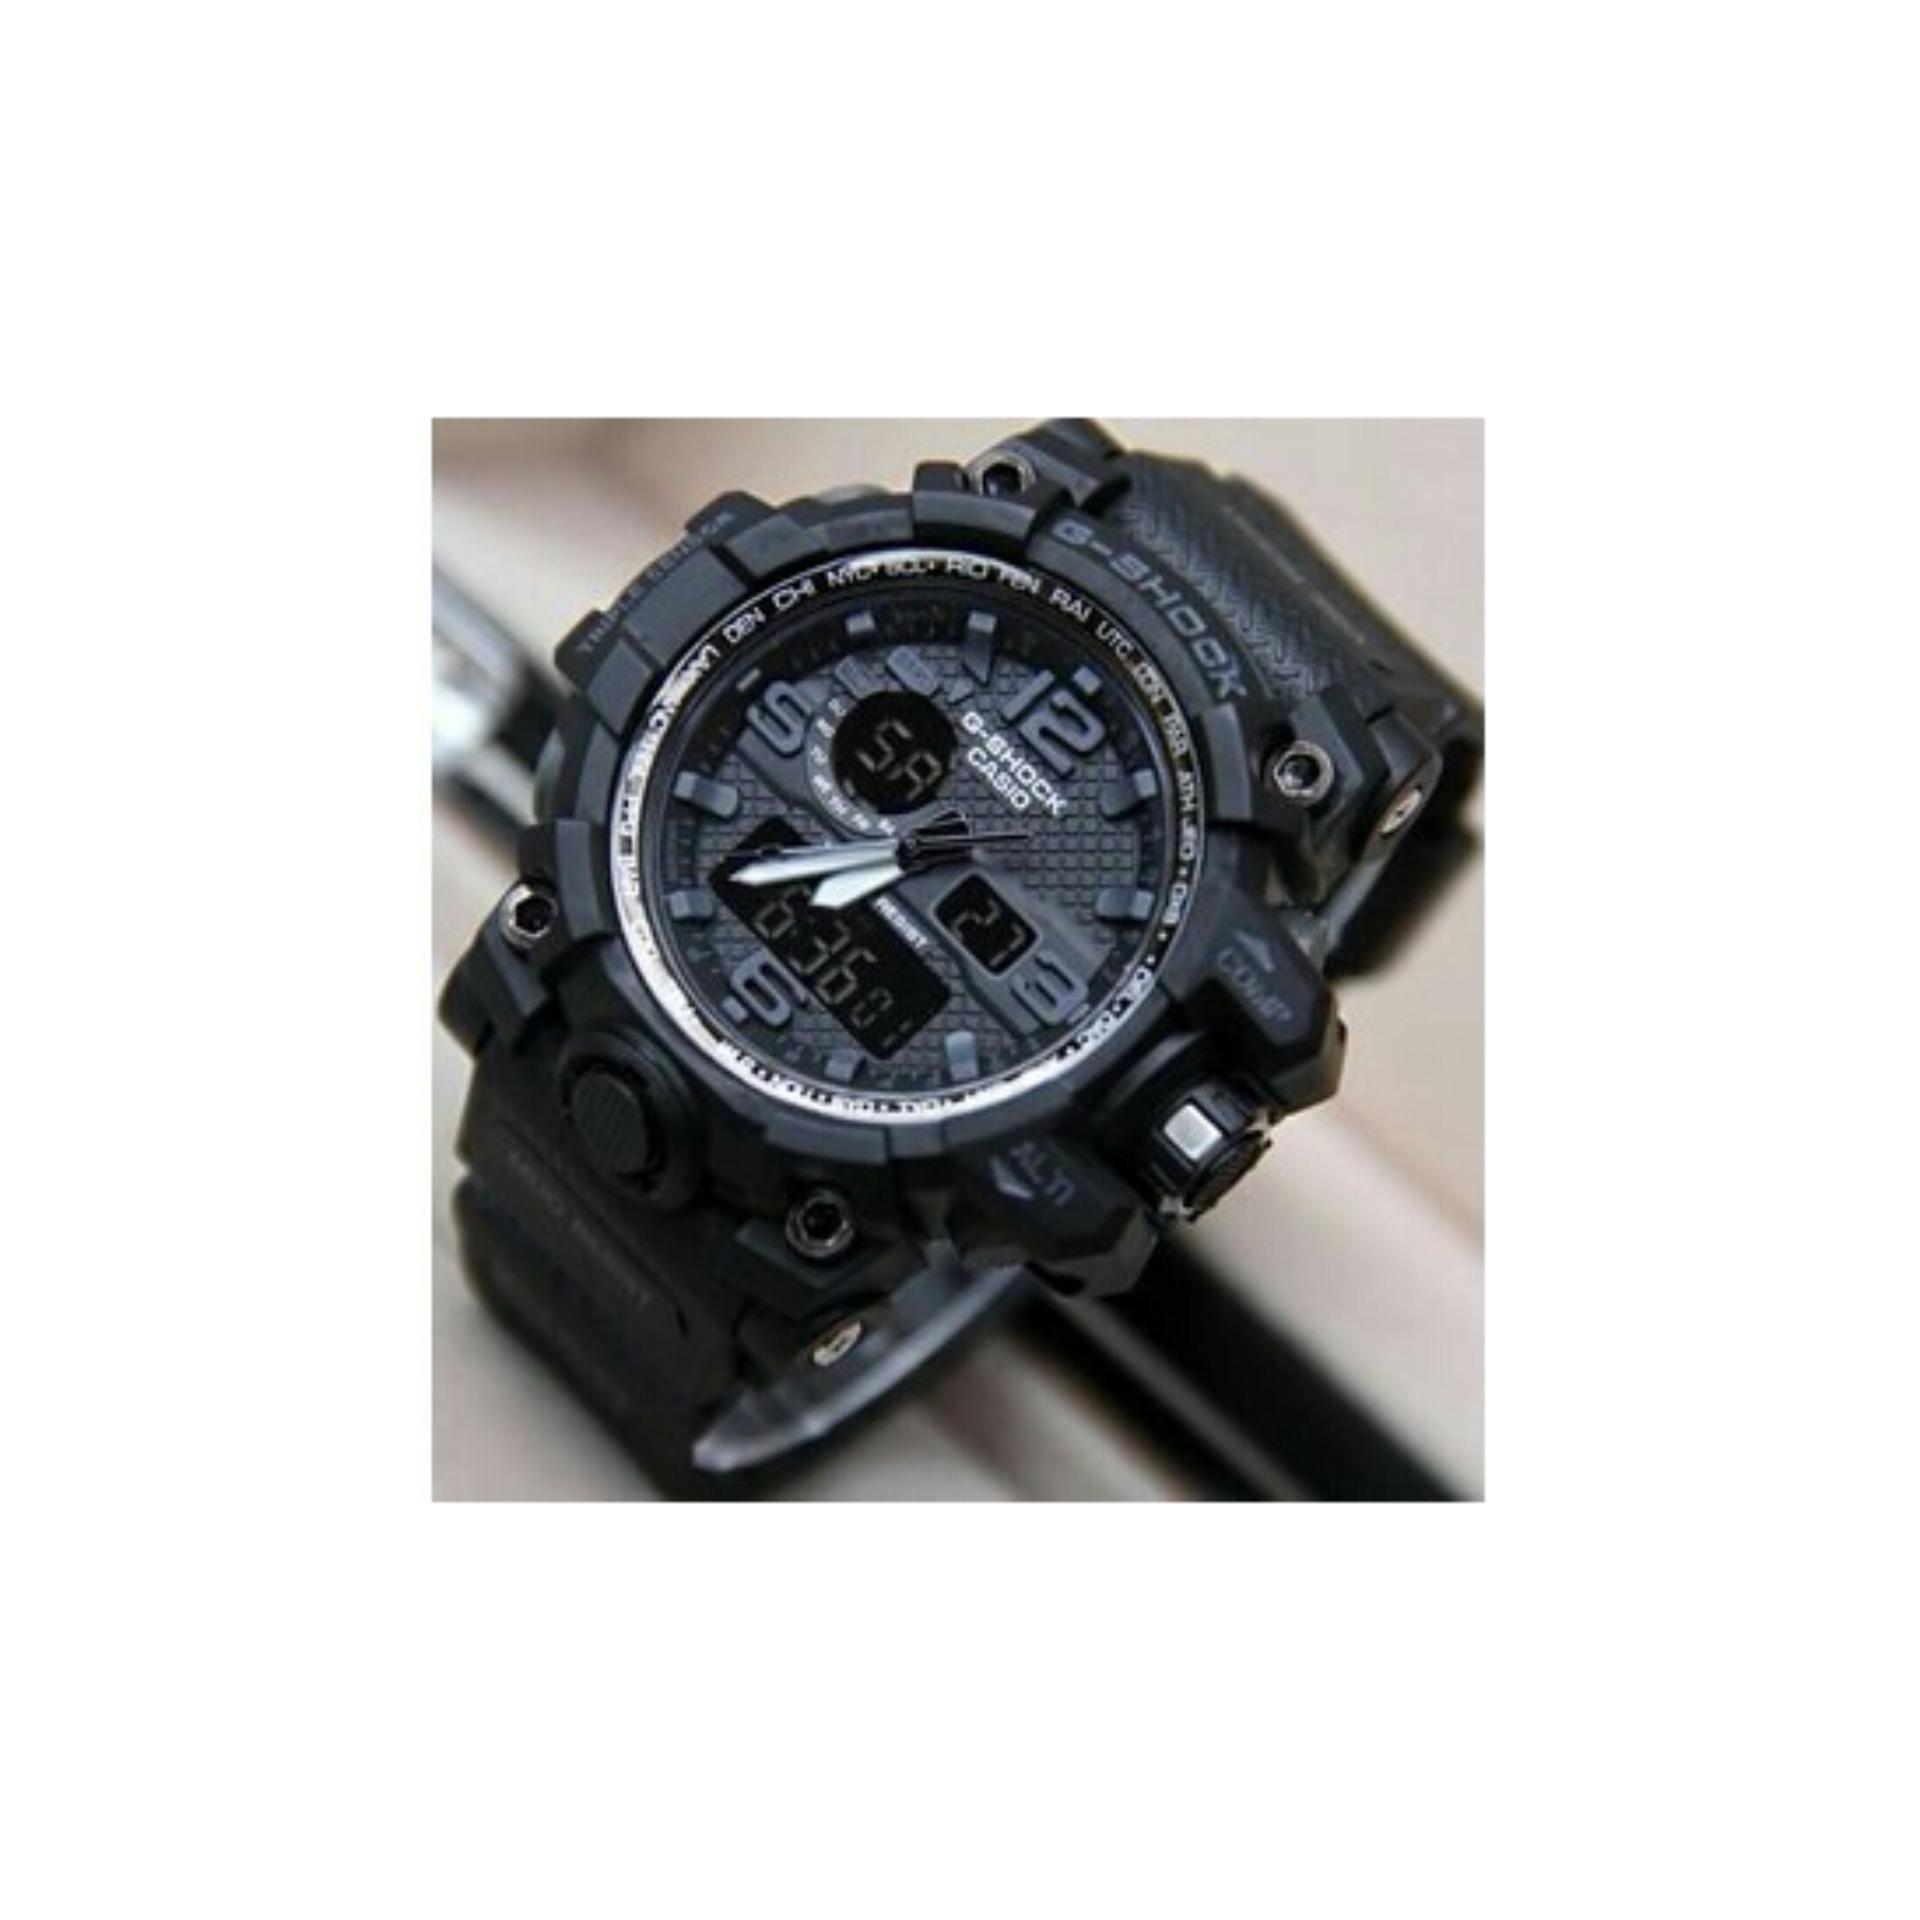 Casio G Shock Dw290 1v Jam Tangan Pria Brown Strap Rubber Daftar Edifice Gw A1000fc 1a4 Hitam Ready 6 Warna Anti Air Murah